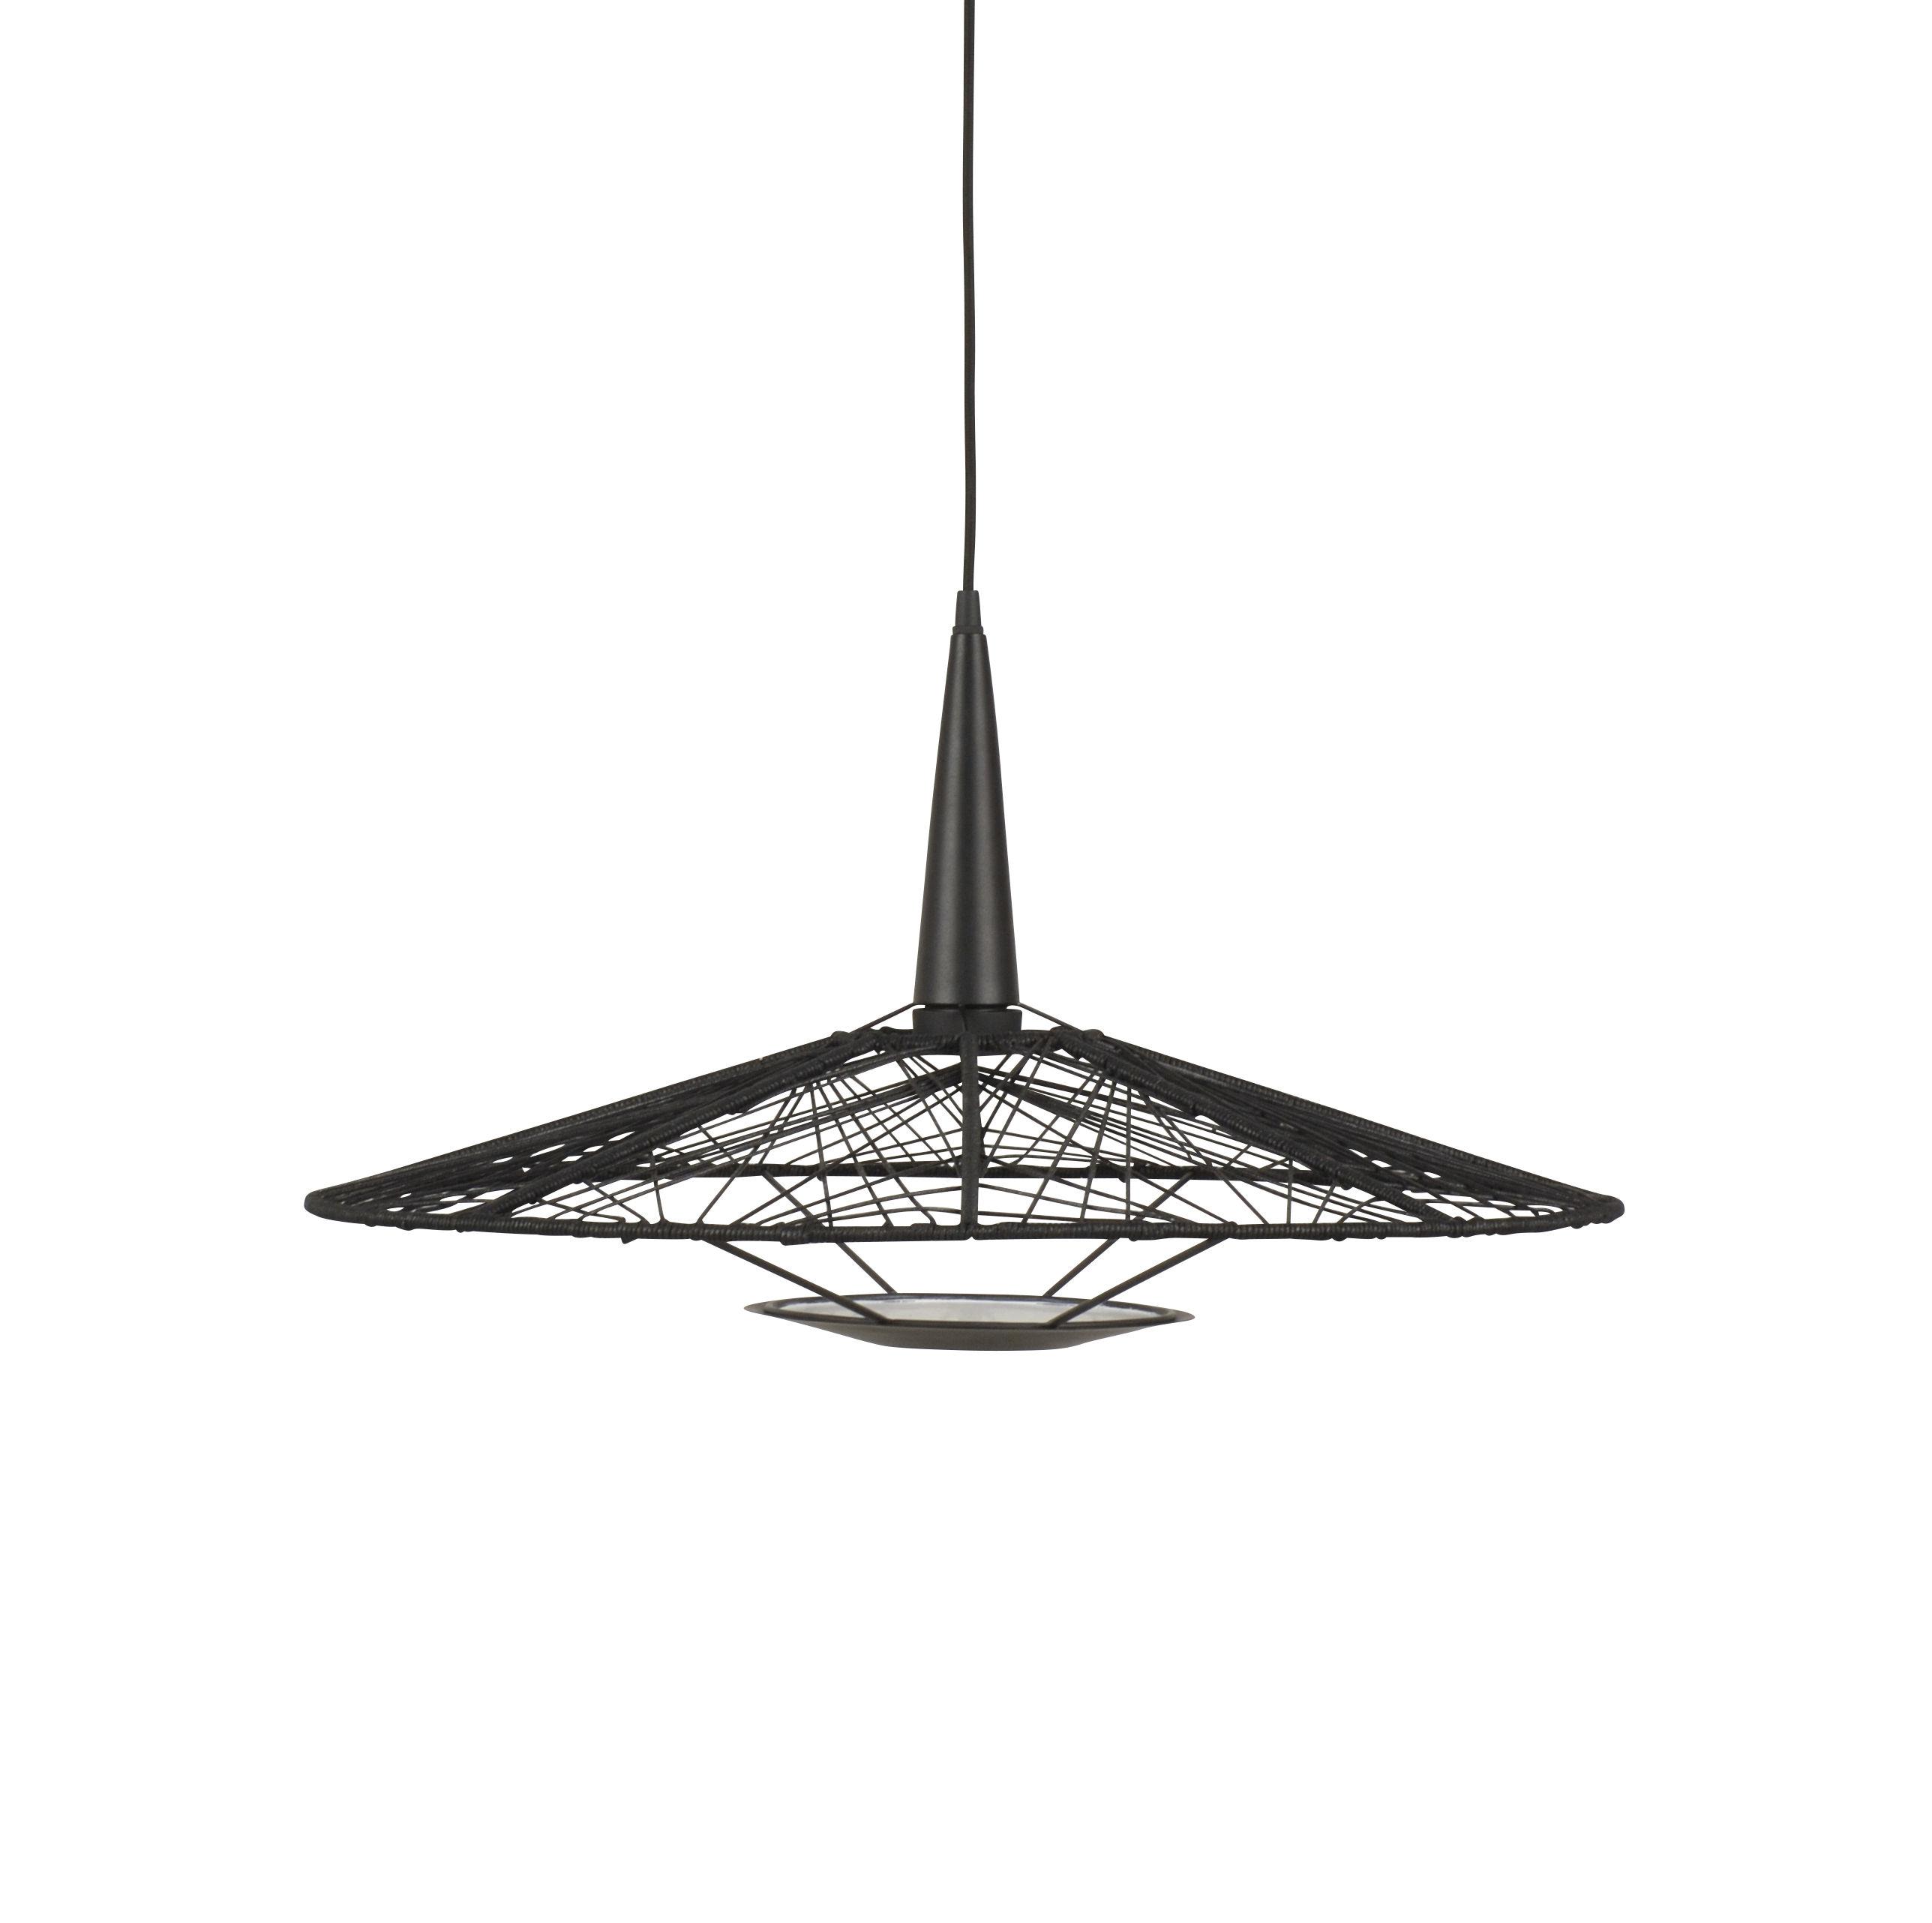 Luminaire - Suspensions - Suspension Carpa Medium / Ø 60 cm - Fils de coton - Forestier - Ø 60 cm cm / Noir - Acier laqué, Fils en coton